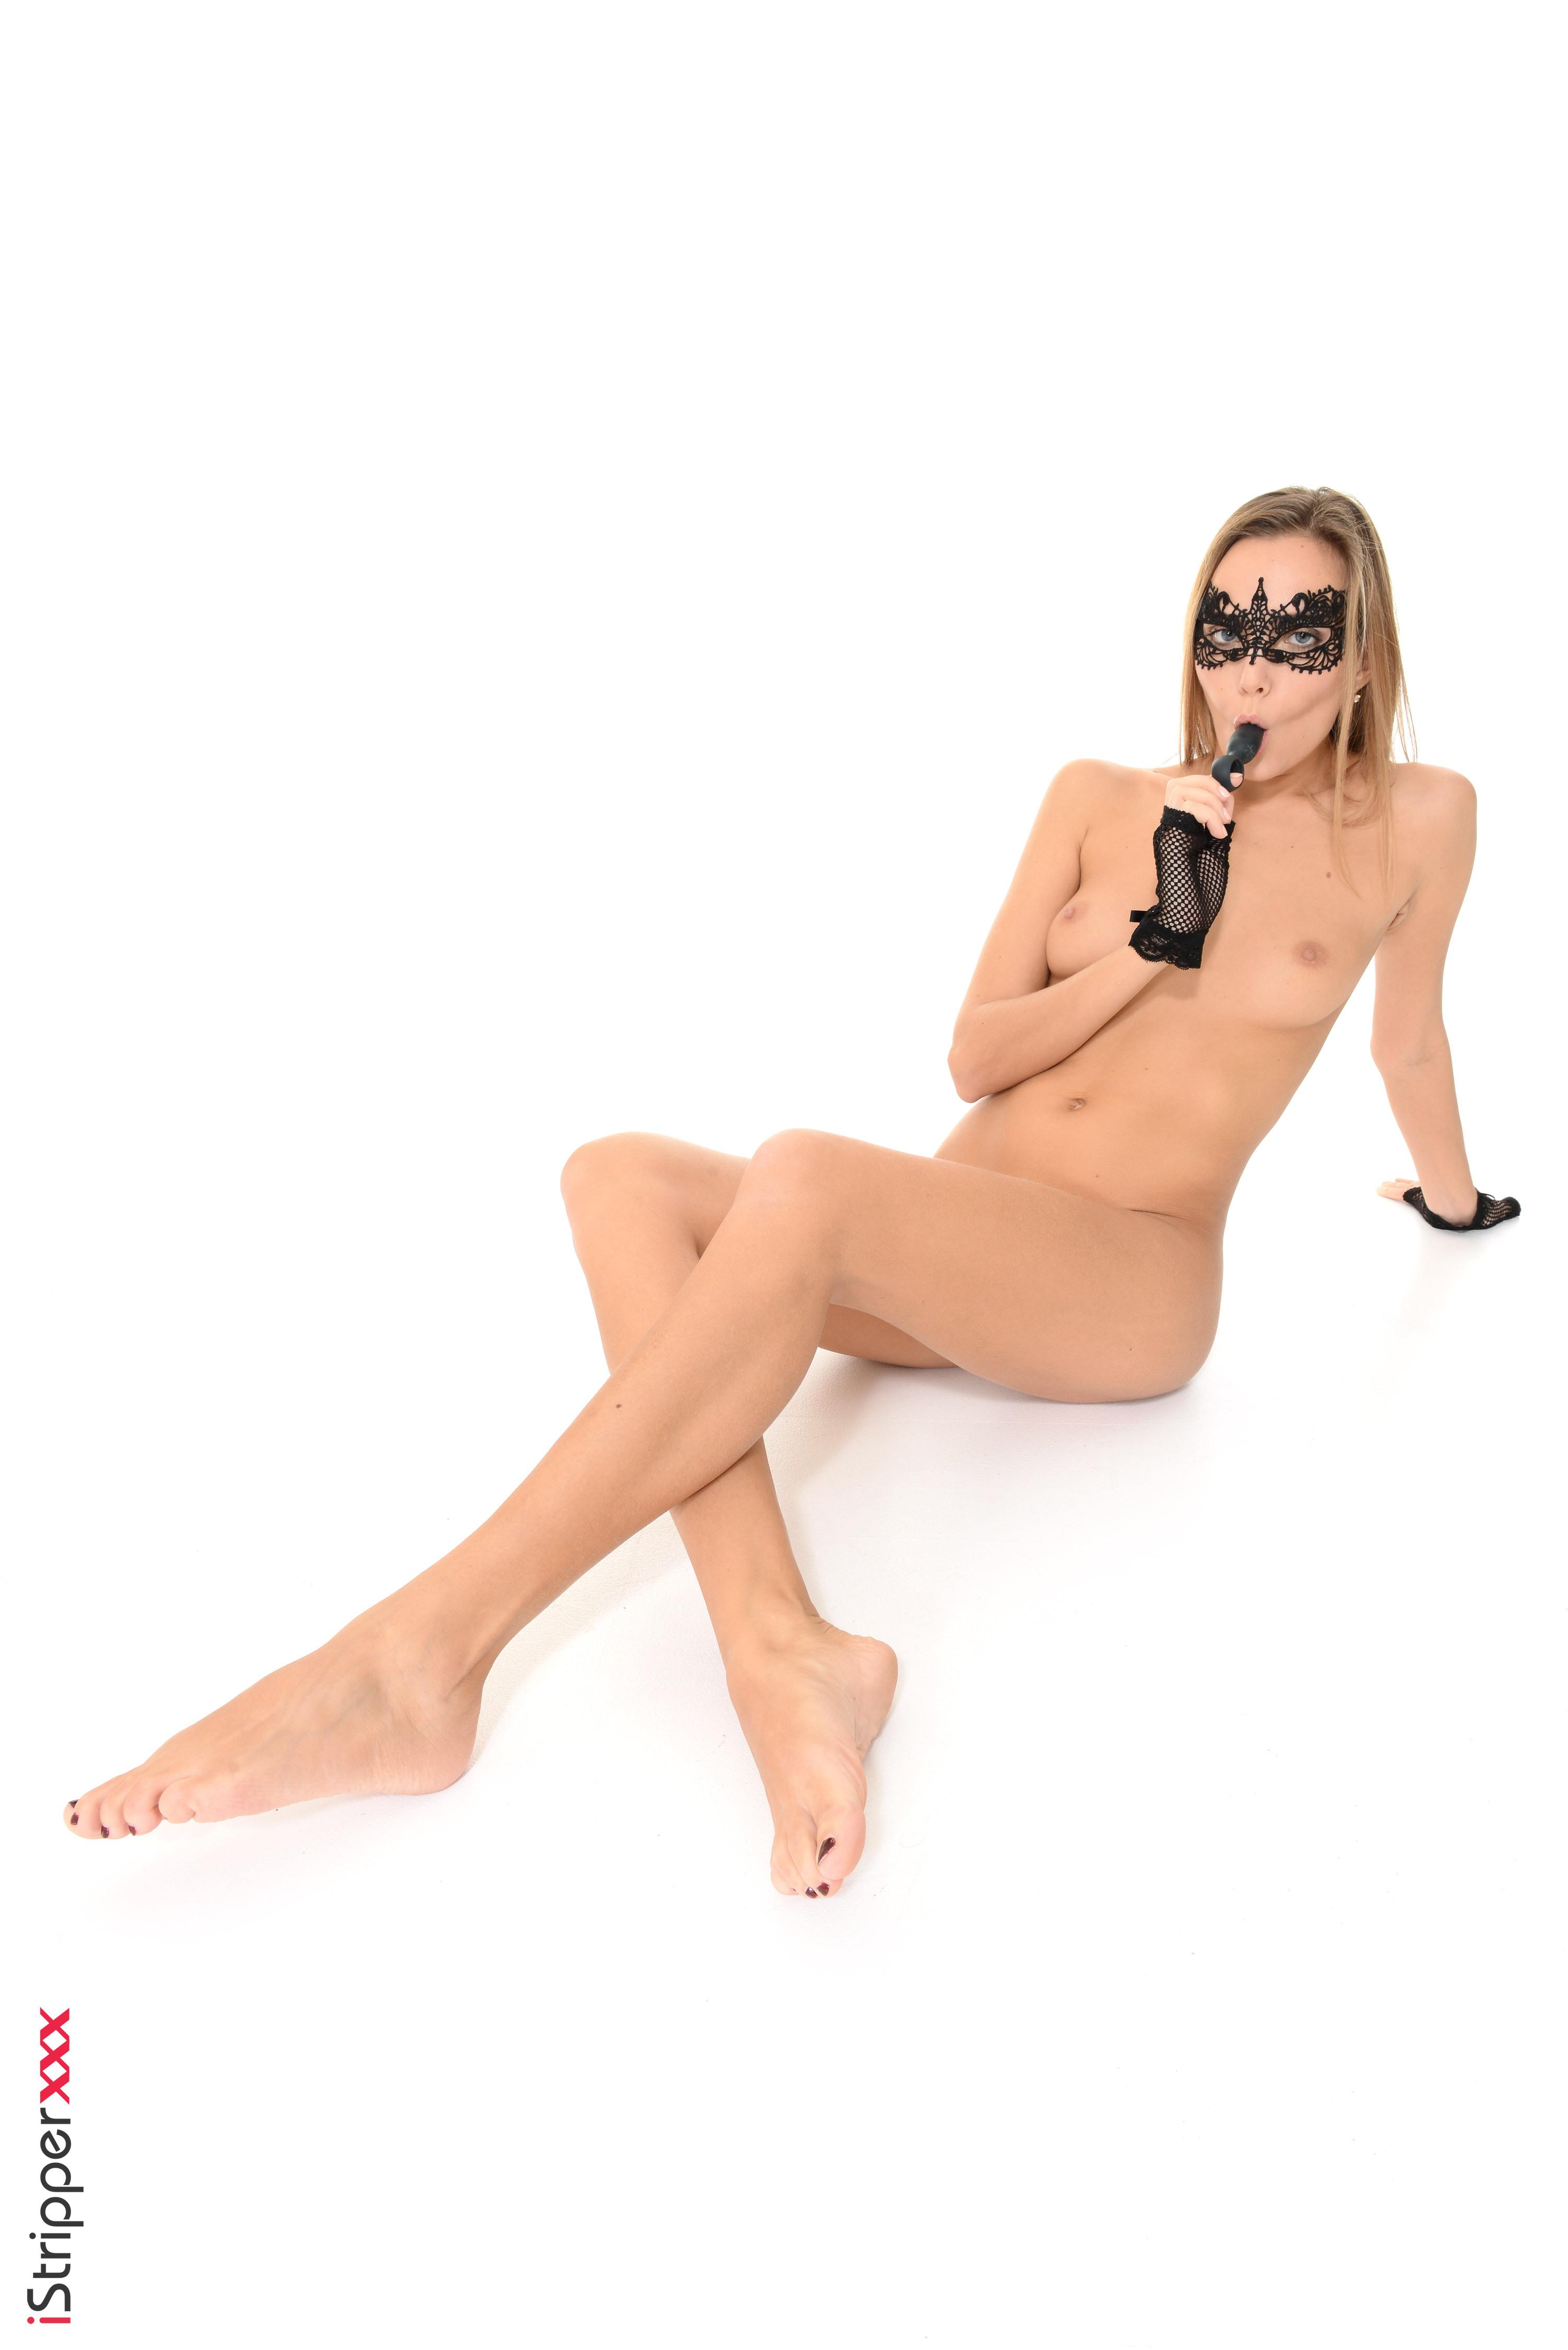 hd wallpapers hd nude hd emilia clarke bath